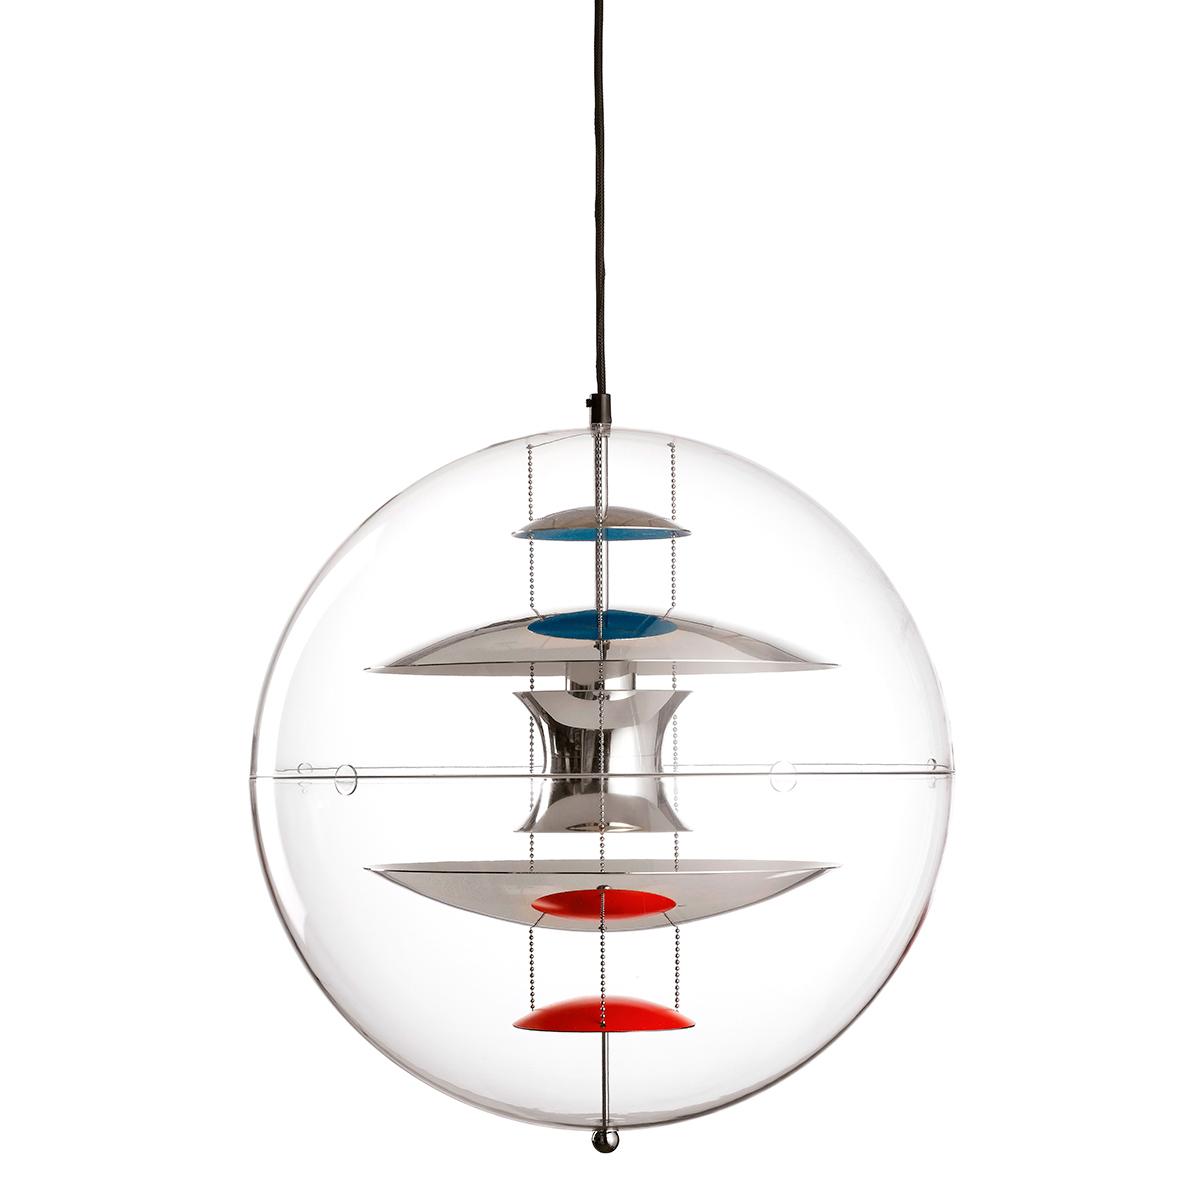 designer lamper udsalg Lamper | +350 lamper til alle hjemmets rum på Coop.dk | » Klik her « designer lamper udsalg